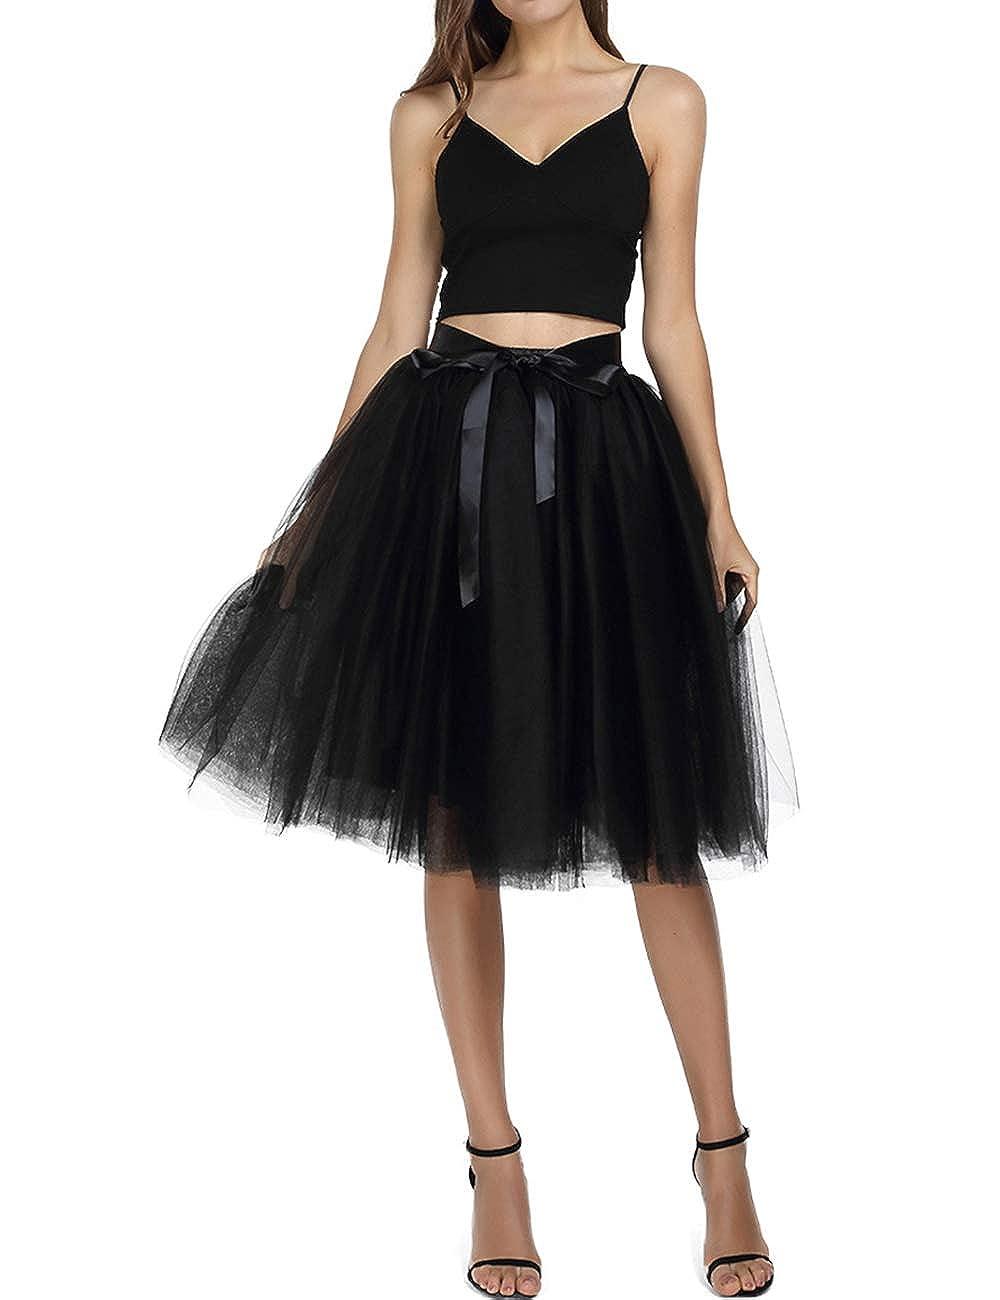 ab25dded2d Knee Length Black Tulle Skirt – DACC